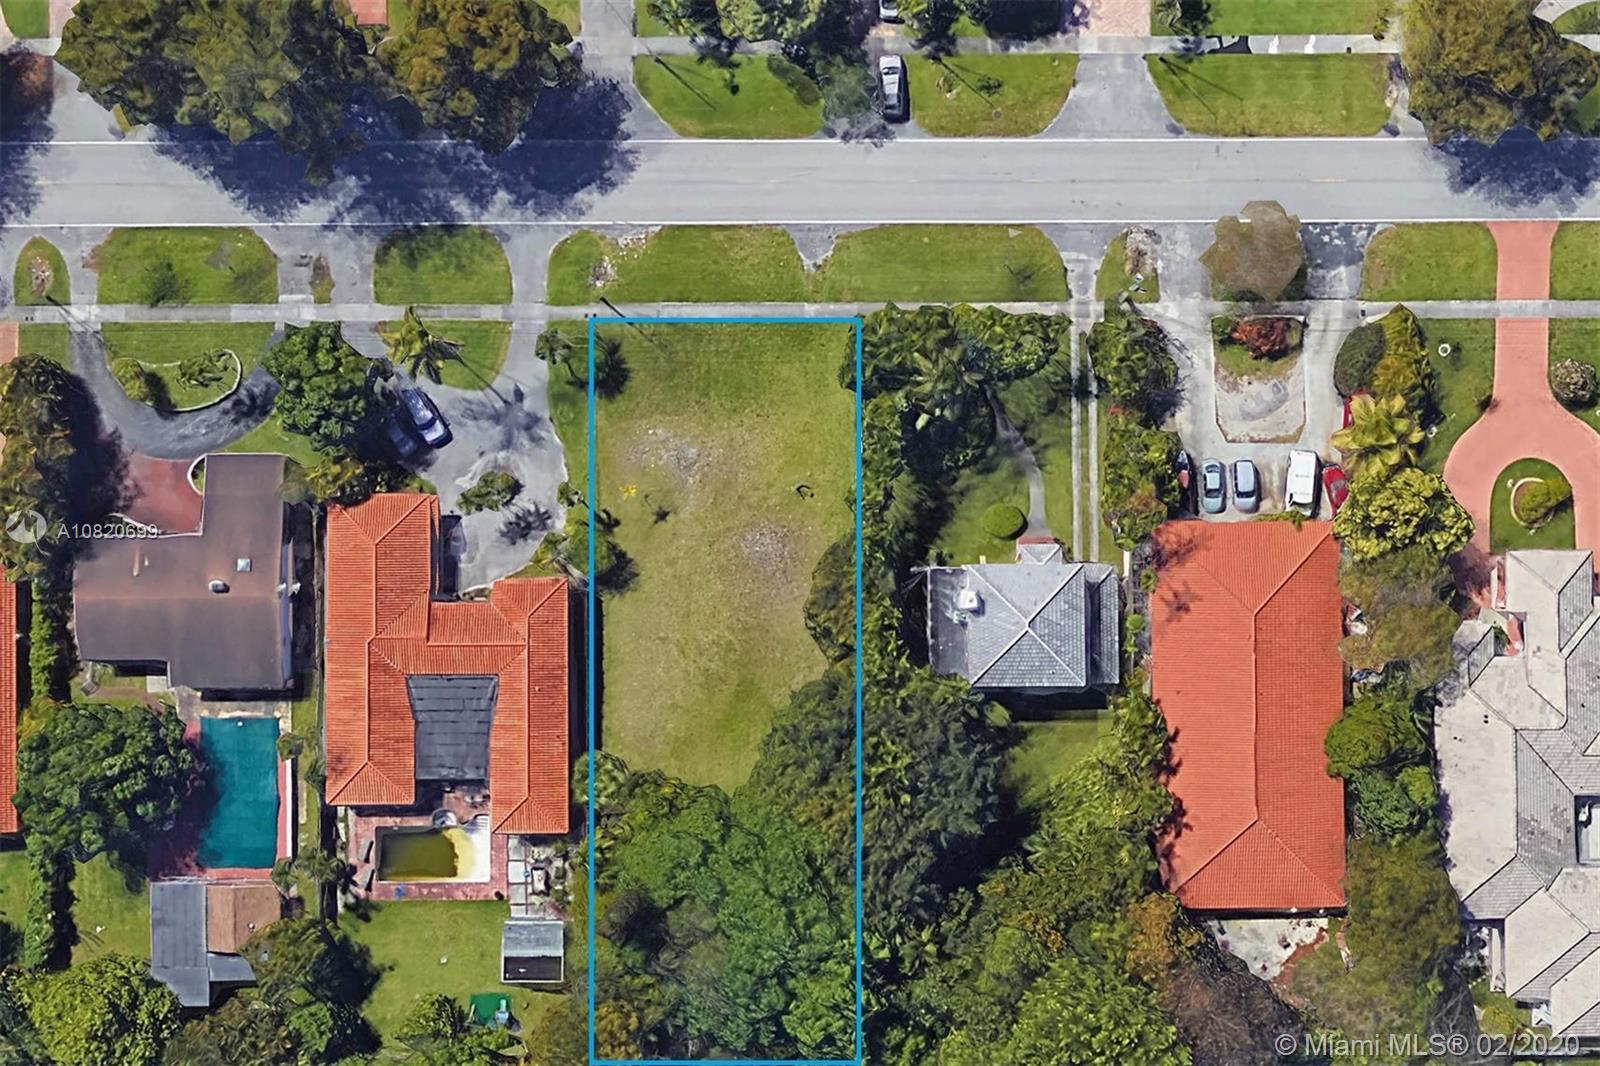 81 S Royal Poinciana Blvd, Miami Springs, Florida 33166, ,Farm,For Sale,81 S Royal Poinciana Blvd,A10820699